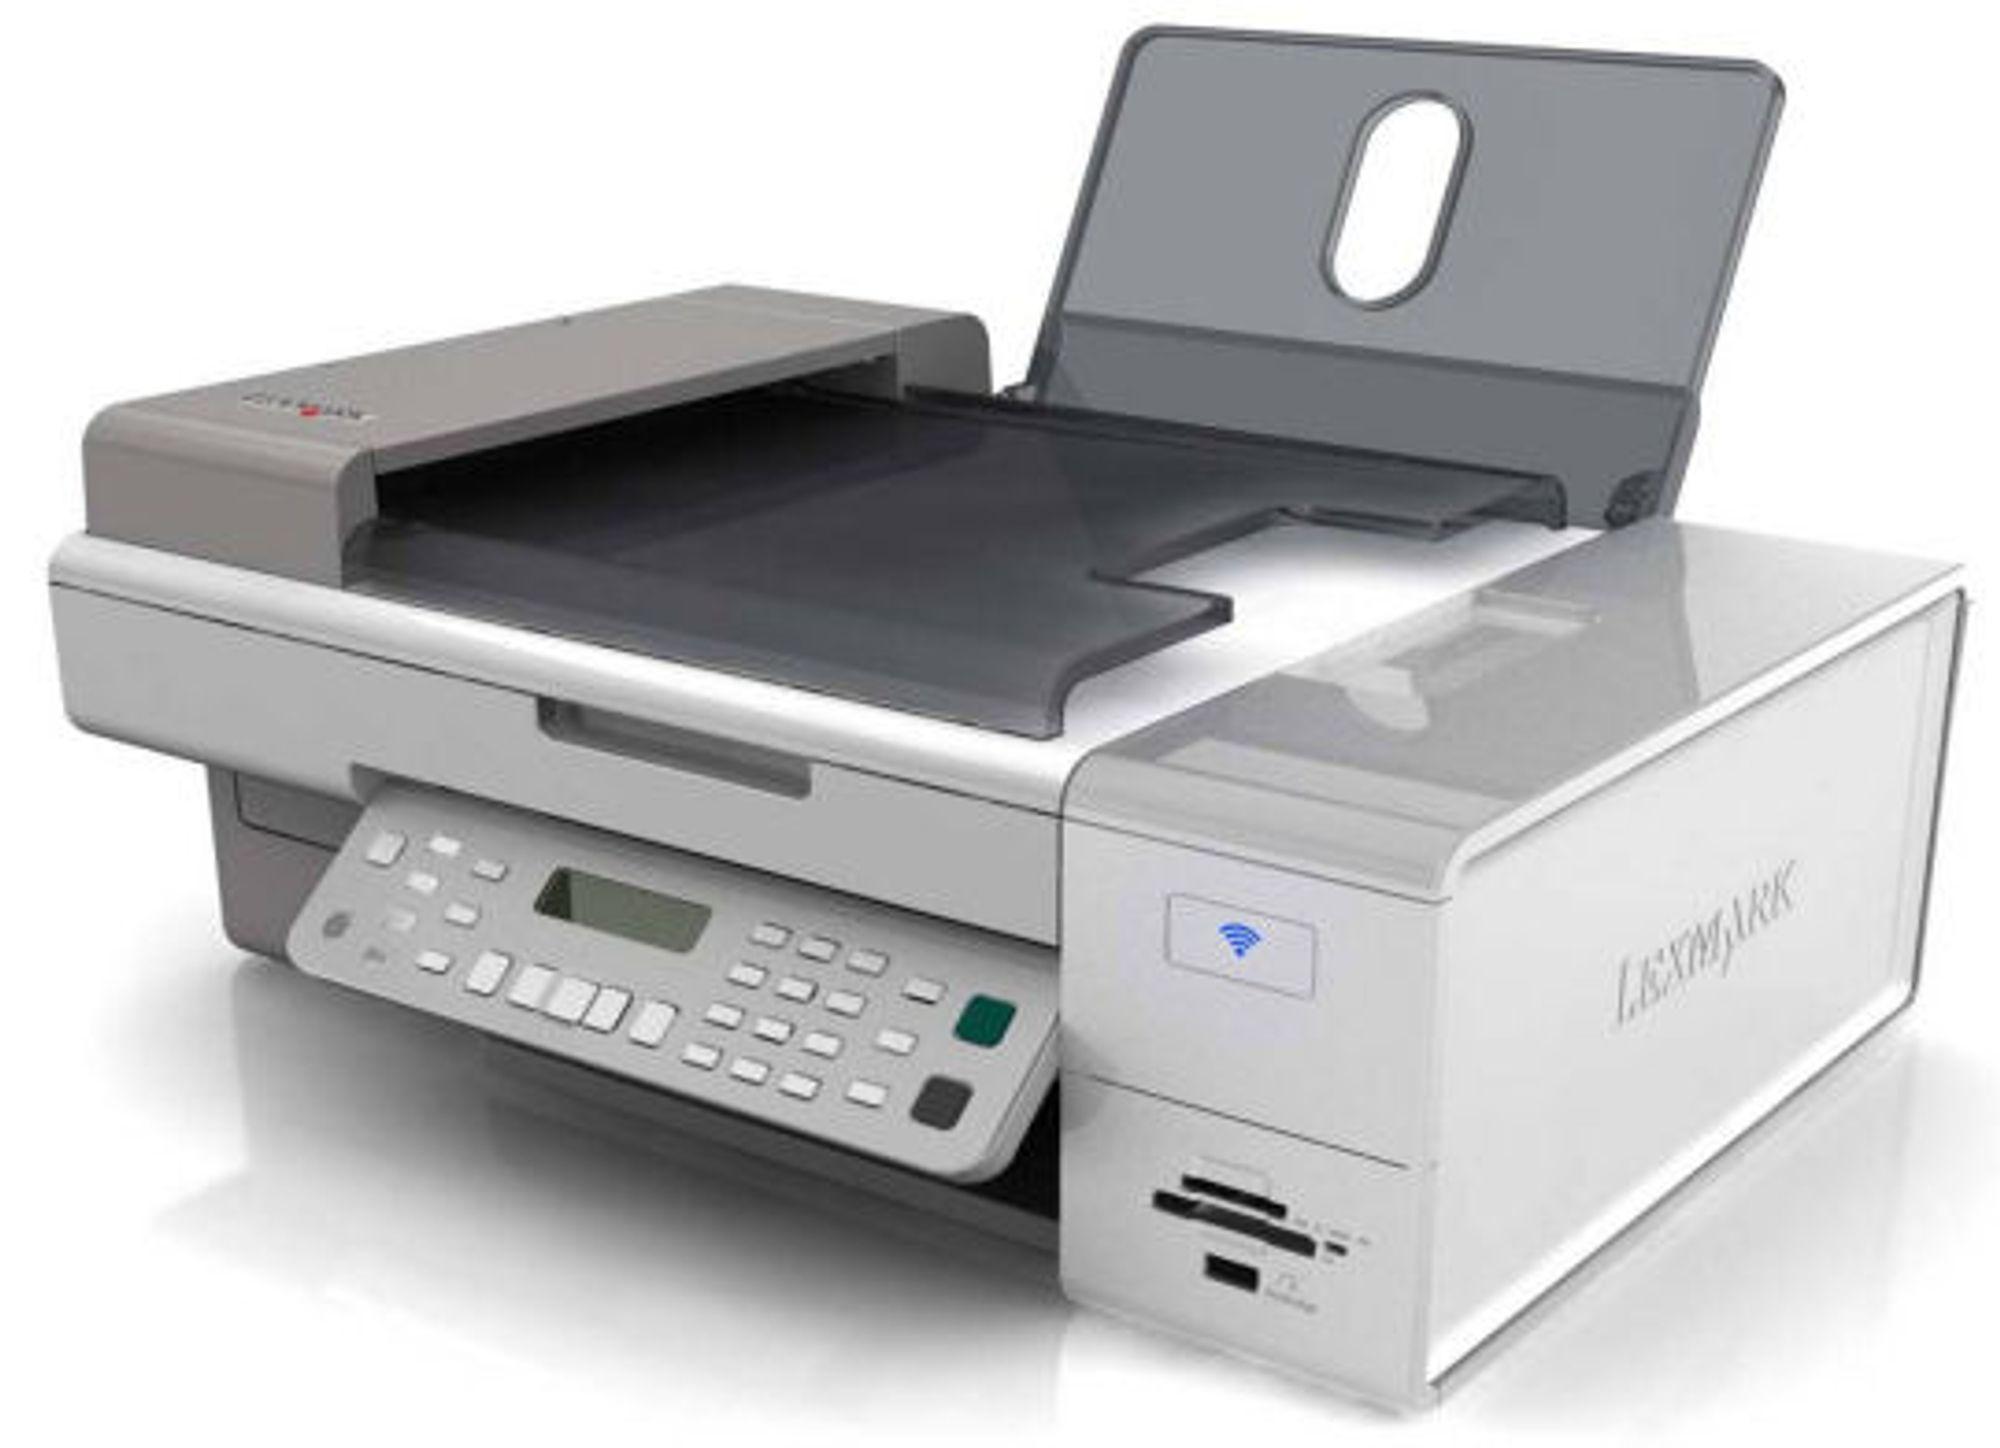 <em>En av de nye modellene fra Lexmark</em>